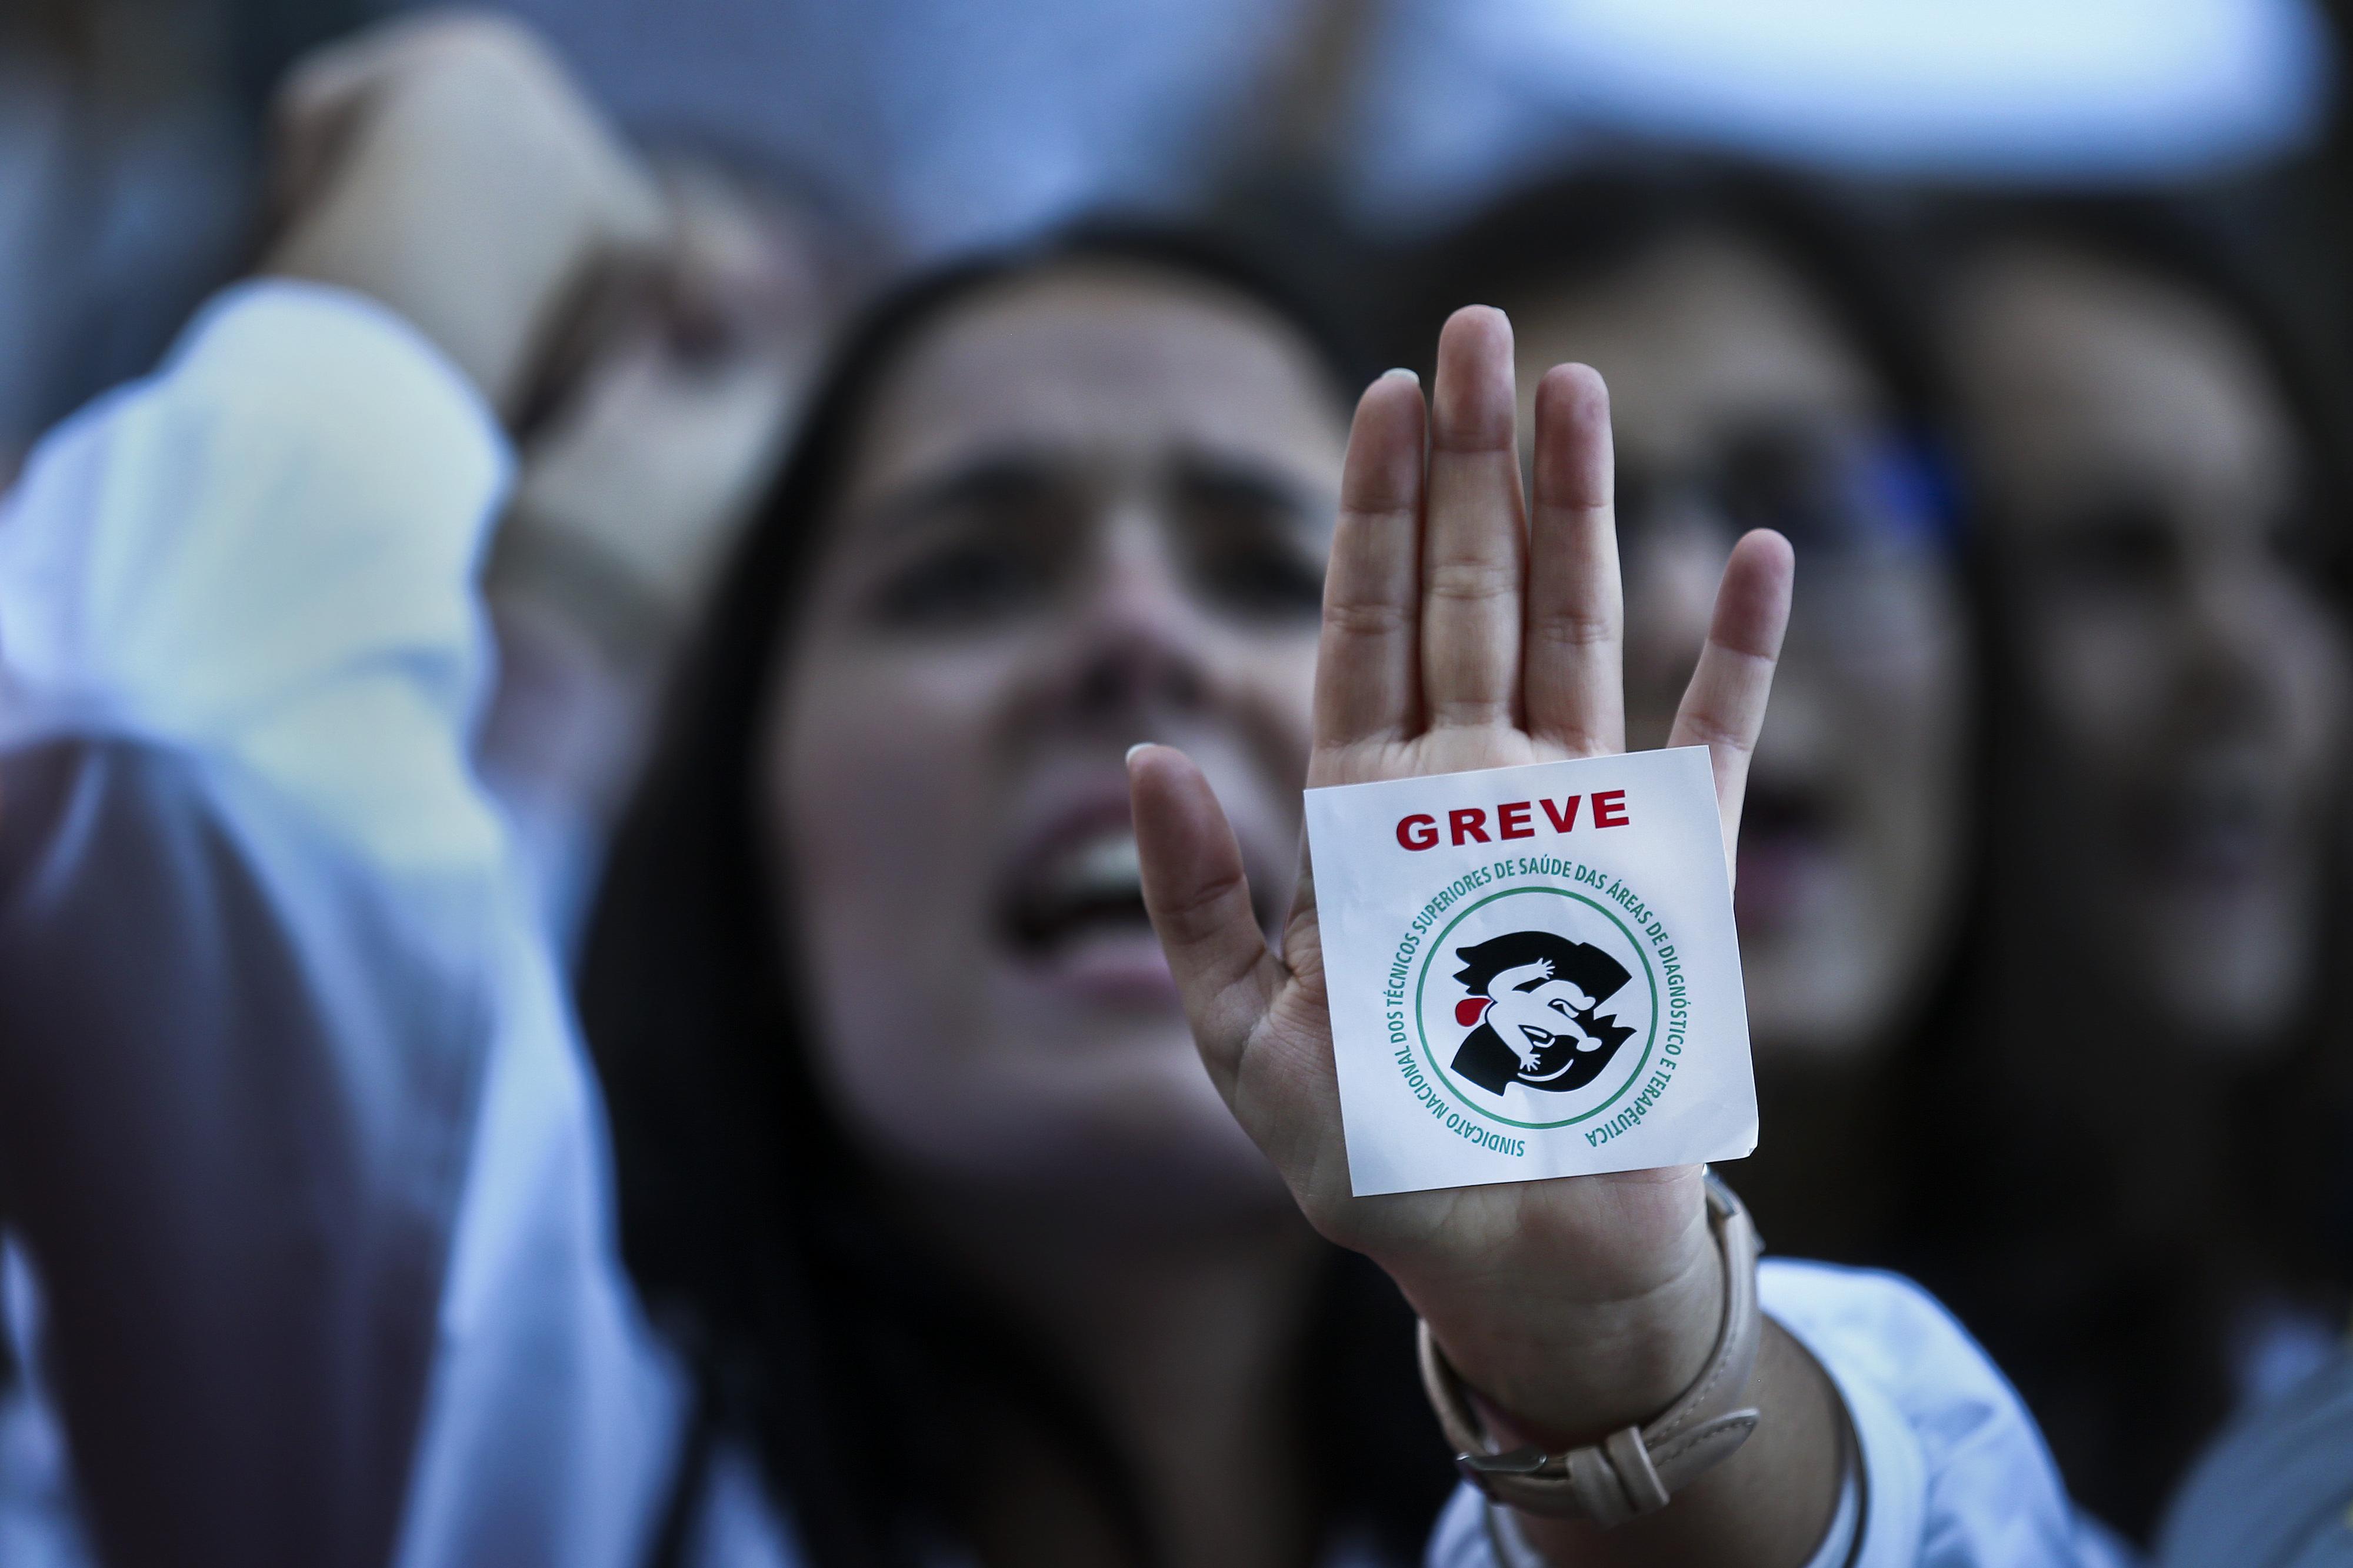 Técnicos de diagnóstico em greve por tempo indeterminado a partir de amanhã